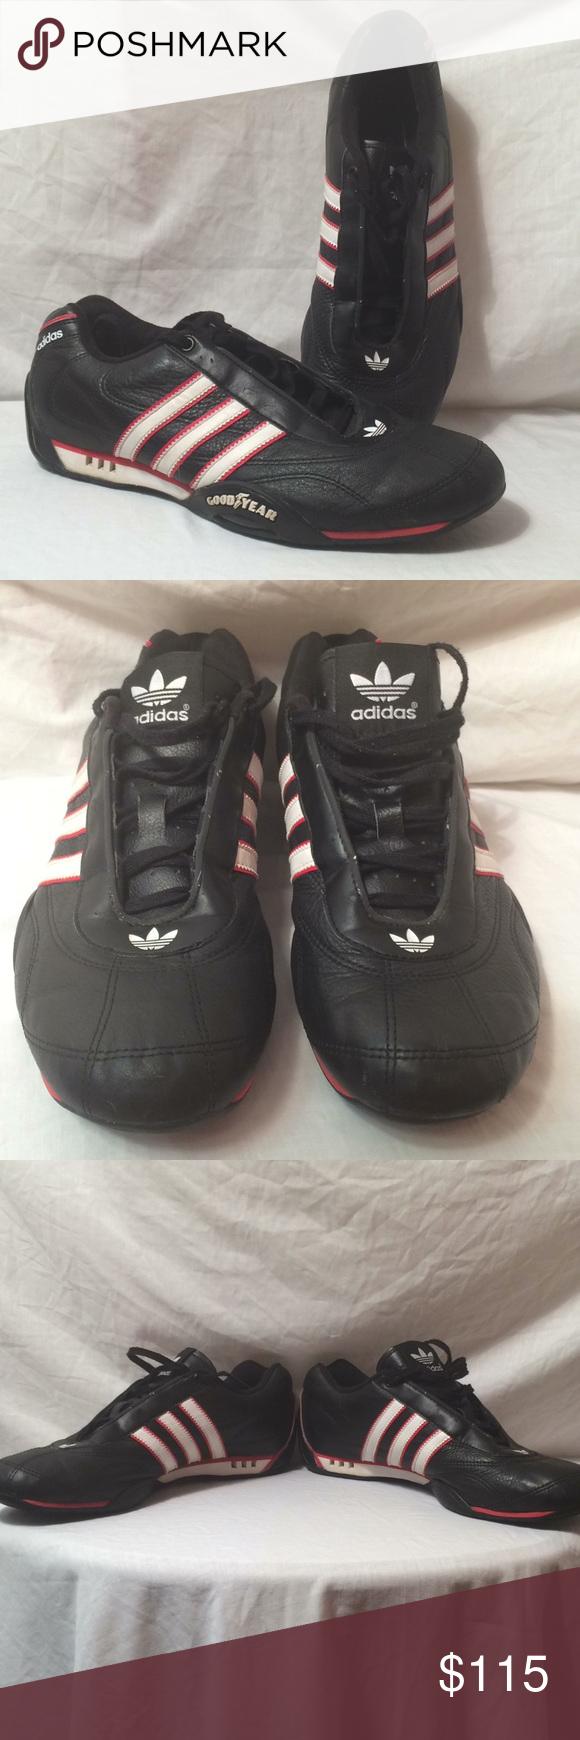 Vintage Adidas Goodyear racer sneaker